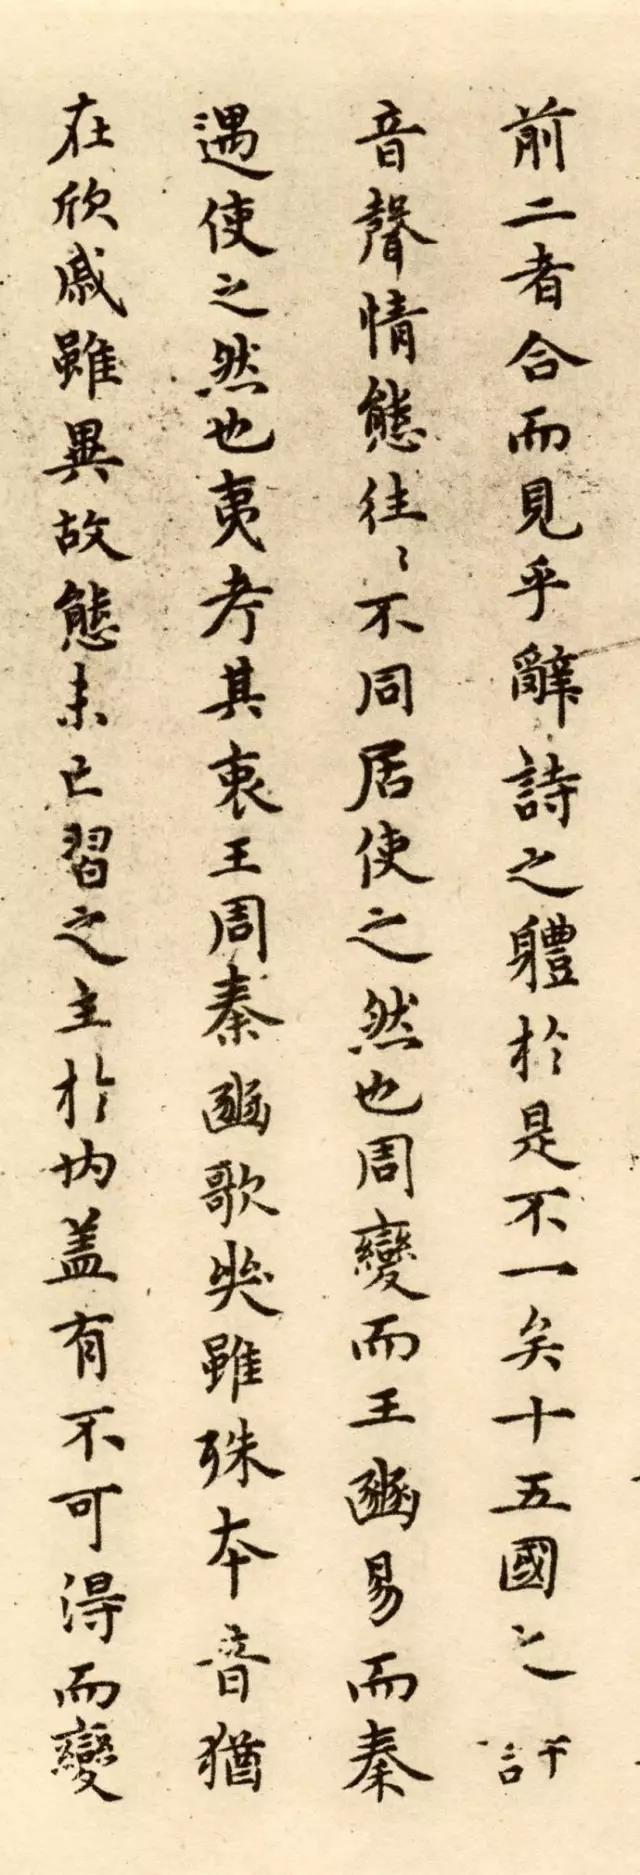 元代陈绎曾小楷《静春先生诗集后序》书法欣赏